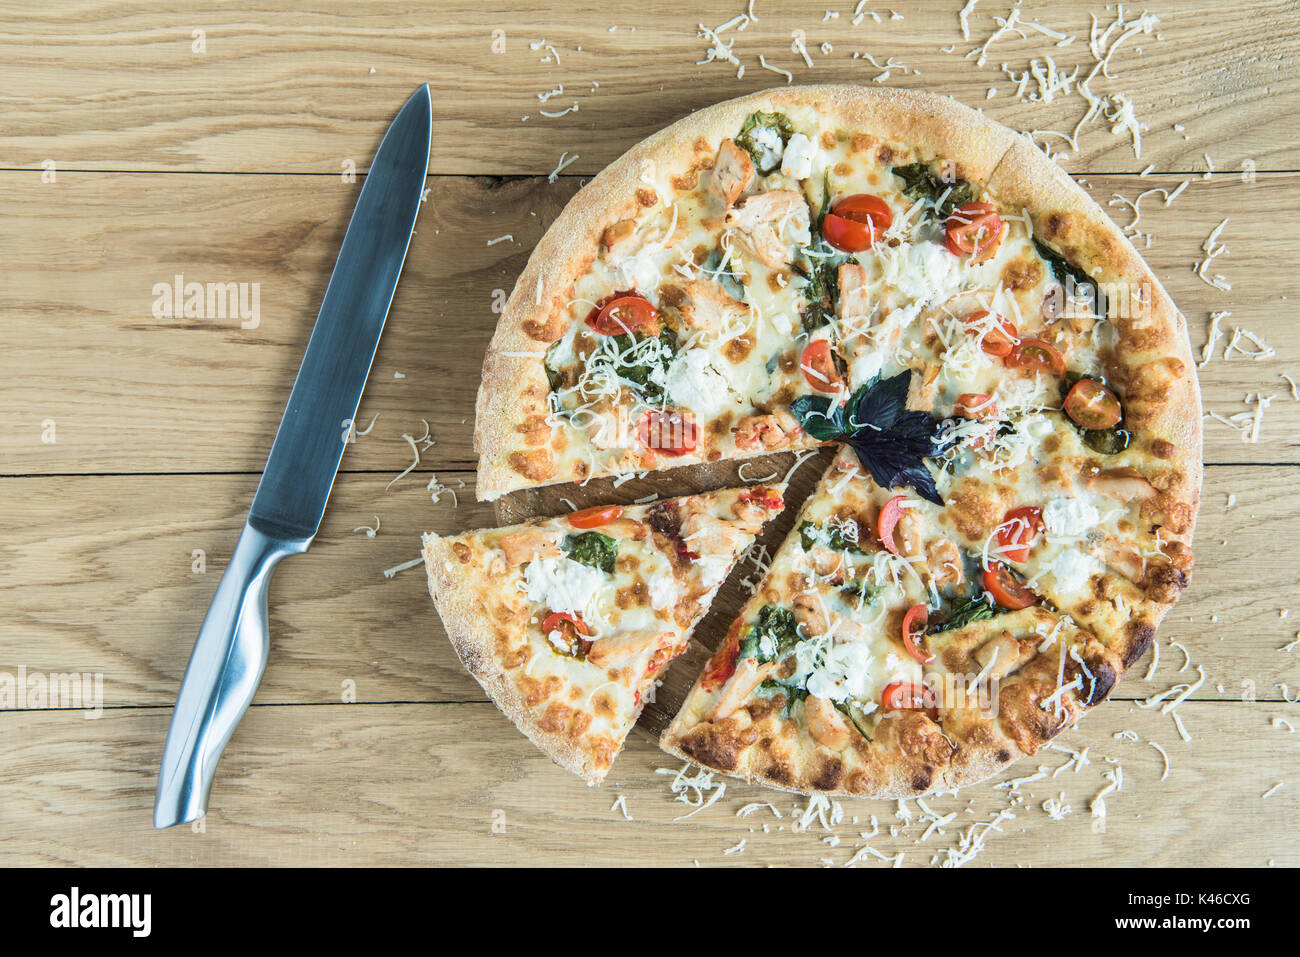 Vista superiore della pizza italiana con il coltello sul tavolo in legno Immagini Stock